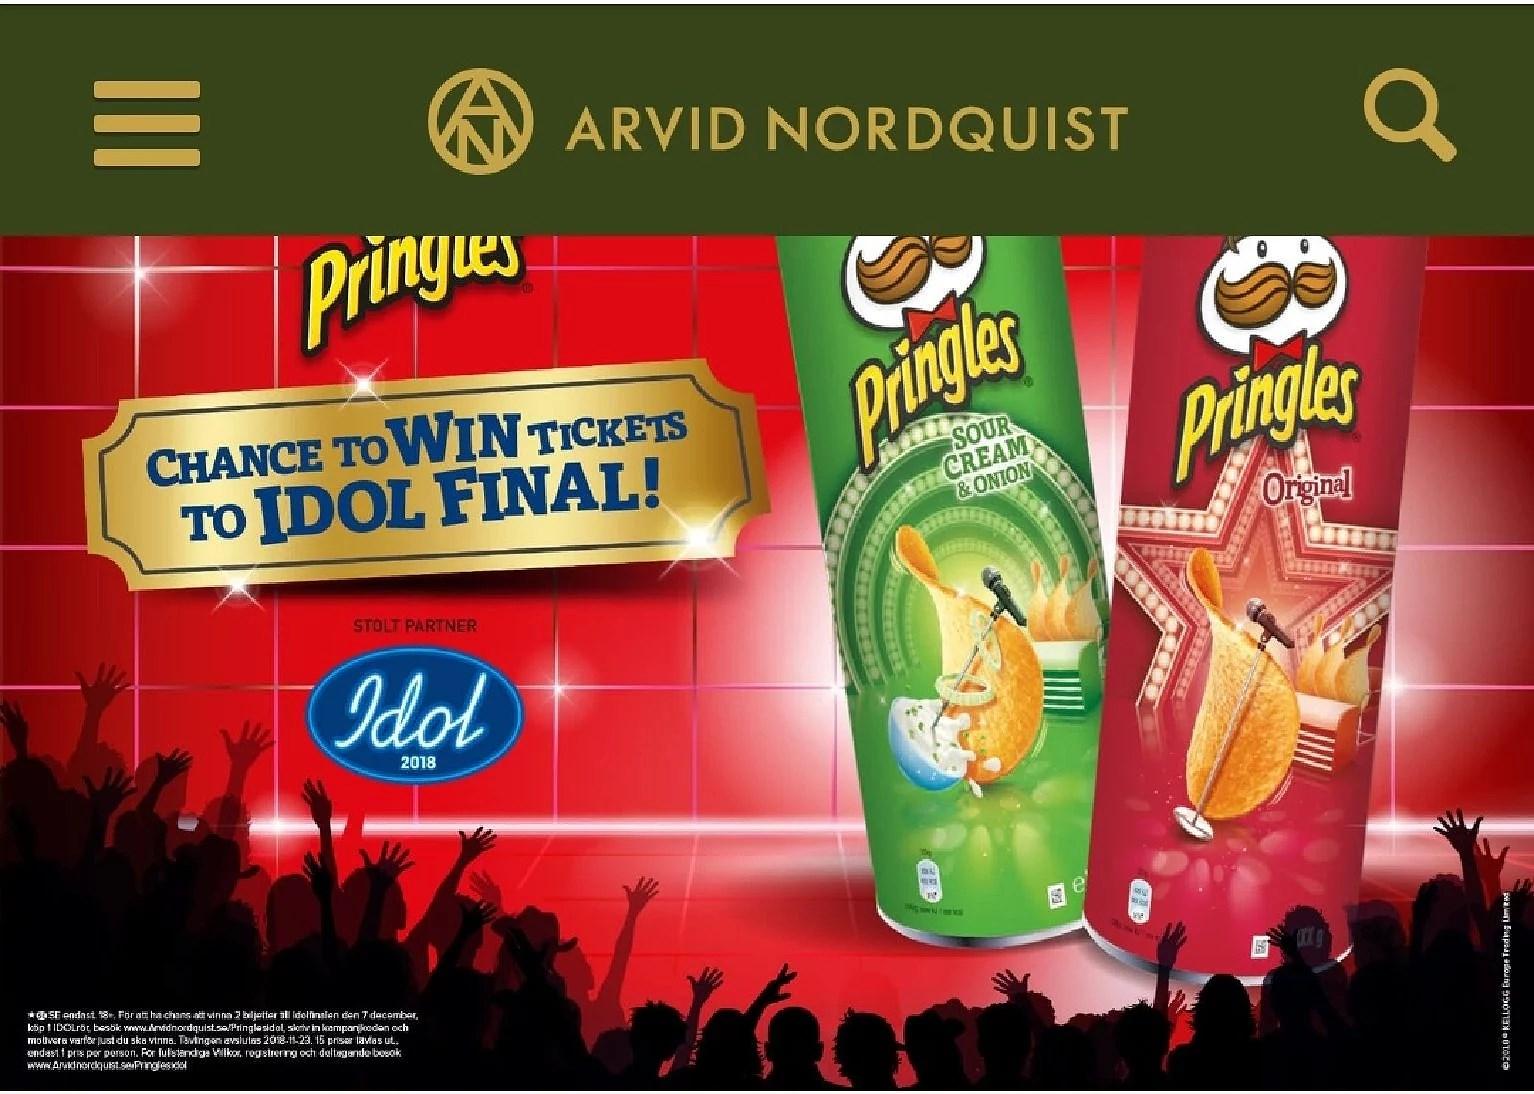 Köp ett Pringles-idolrör och tävla om biljetter till IDOL finalen